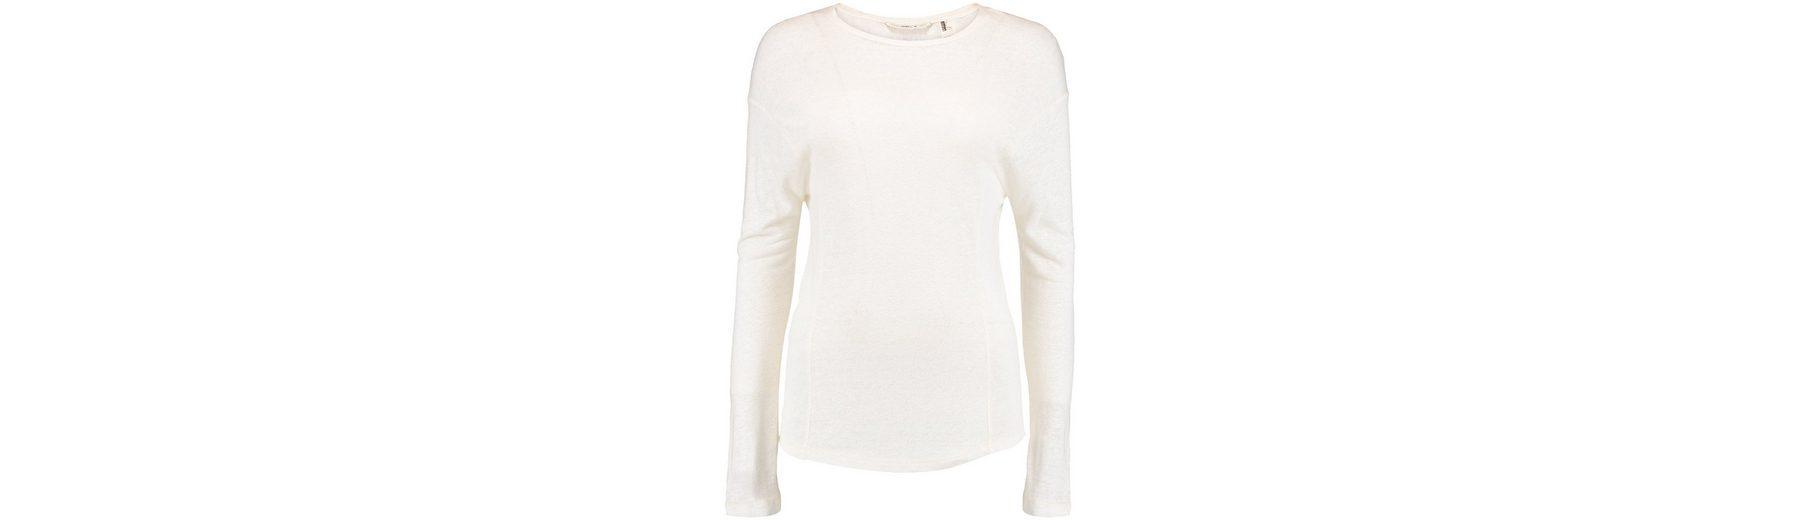 O'Neill T-Shirts langärmlig Linen scooped hem top Durchsuche Verkauf Von Top-Qualität urWpg1cw0